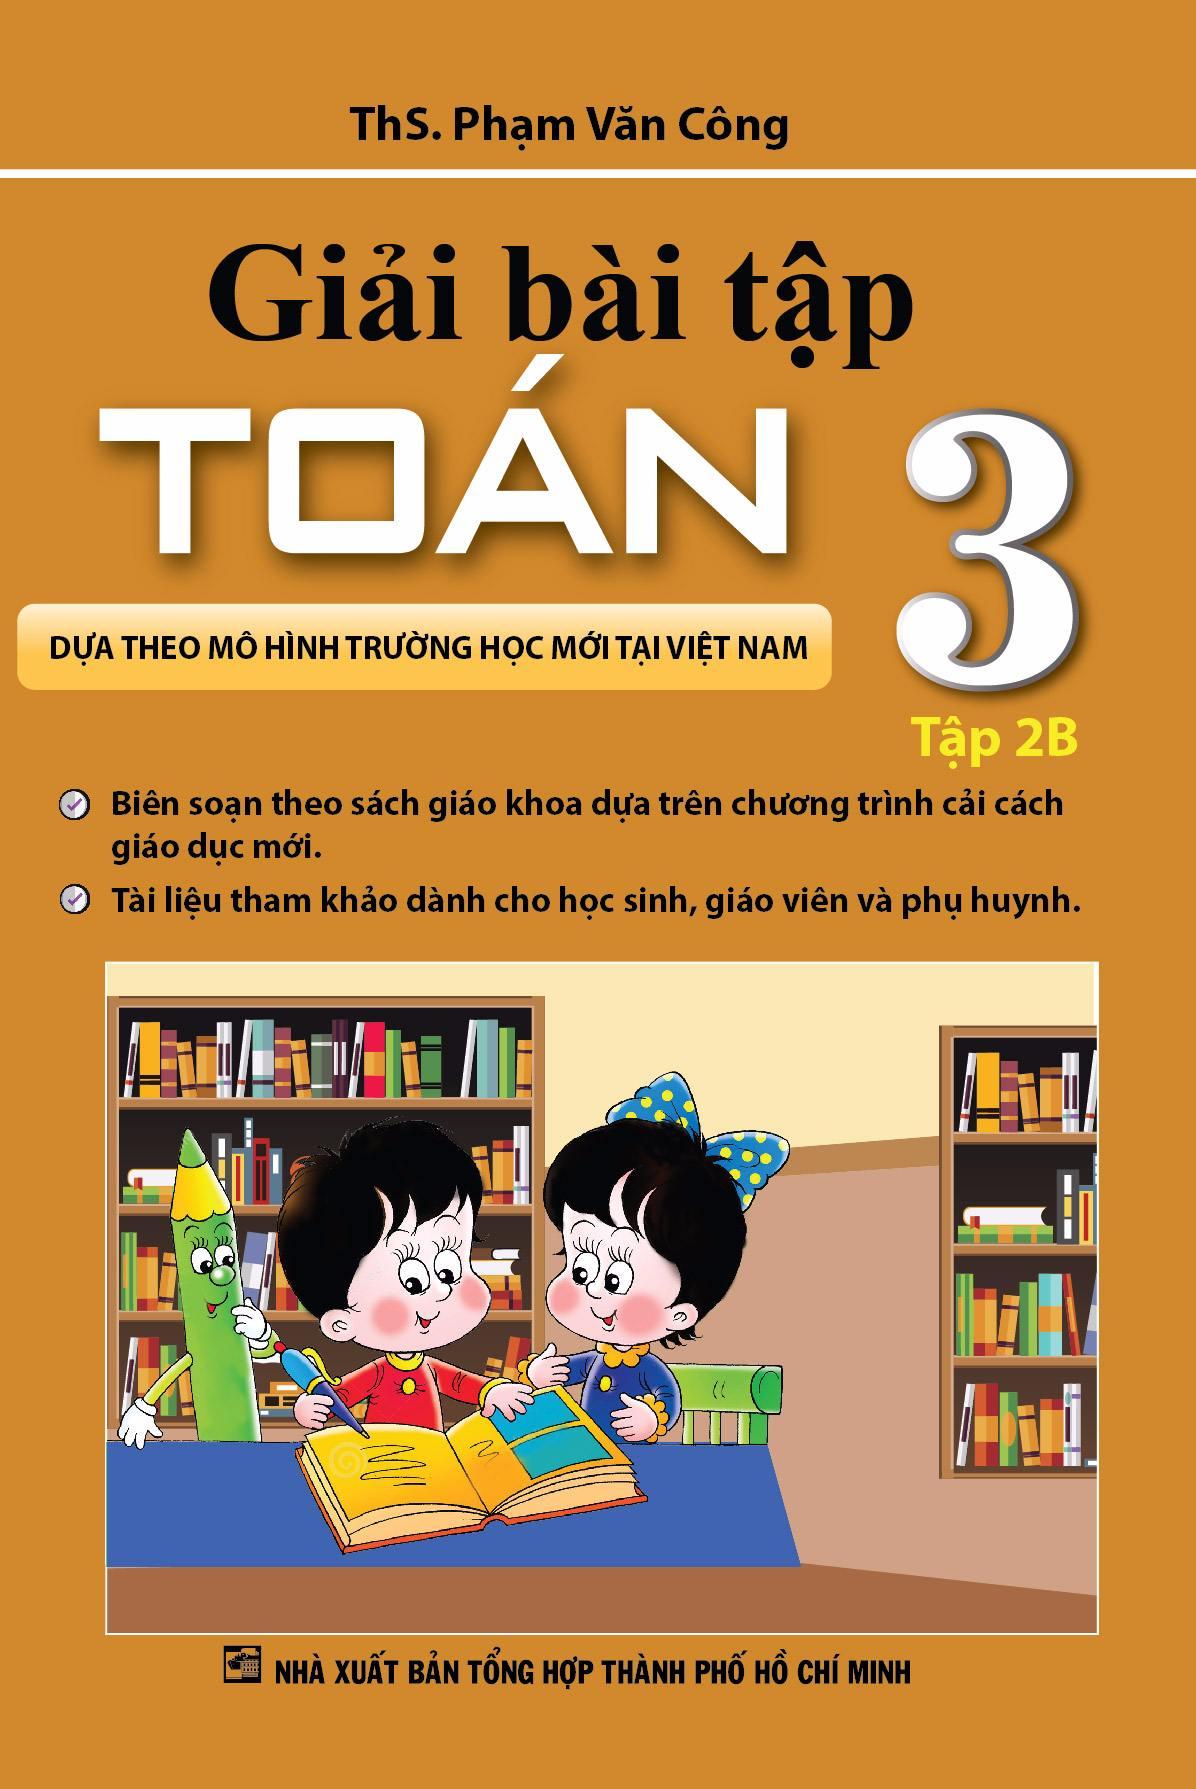 Giải Bài Tập Toán 3 Tập 2B ( Theo Mô Hình Trường Học Mới ) - EBOOK/PDF/PRC/EPUB